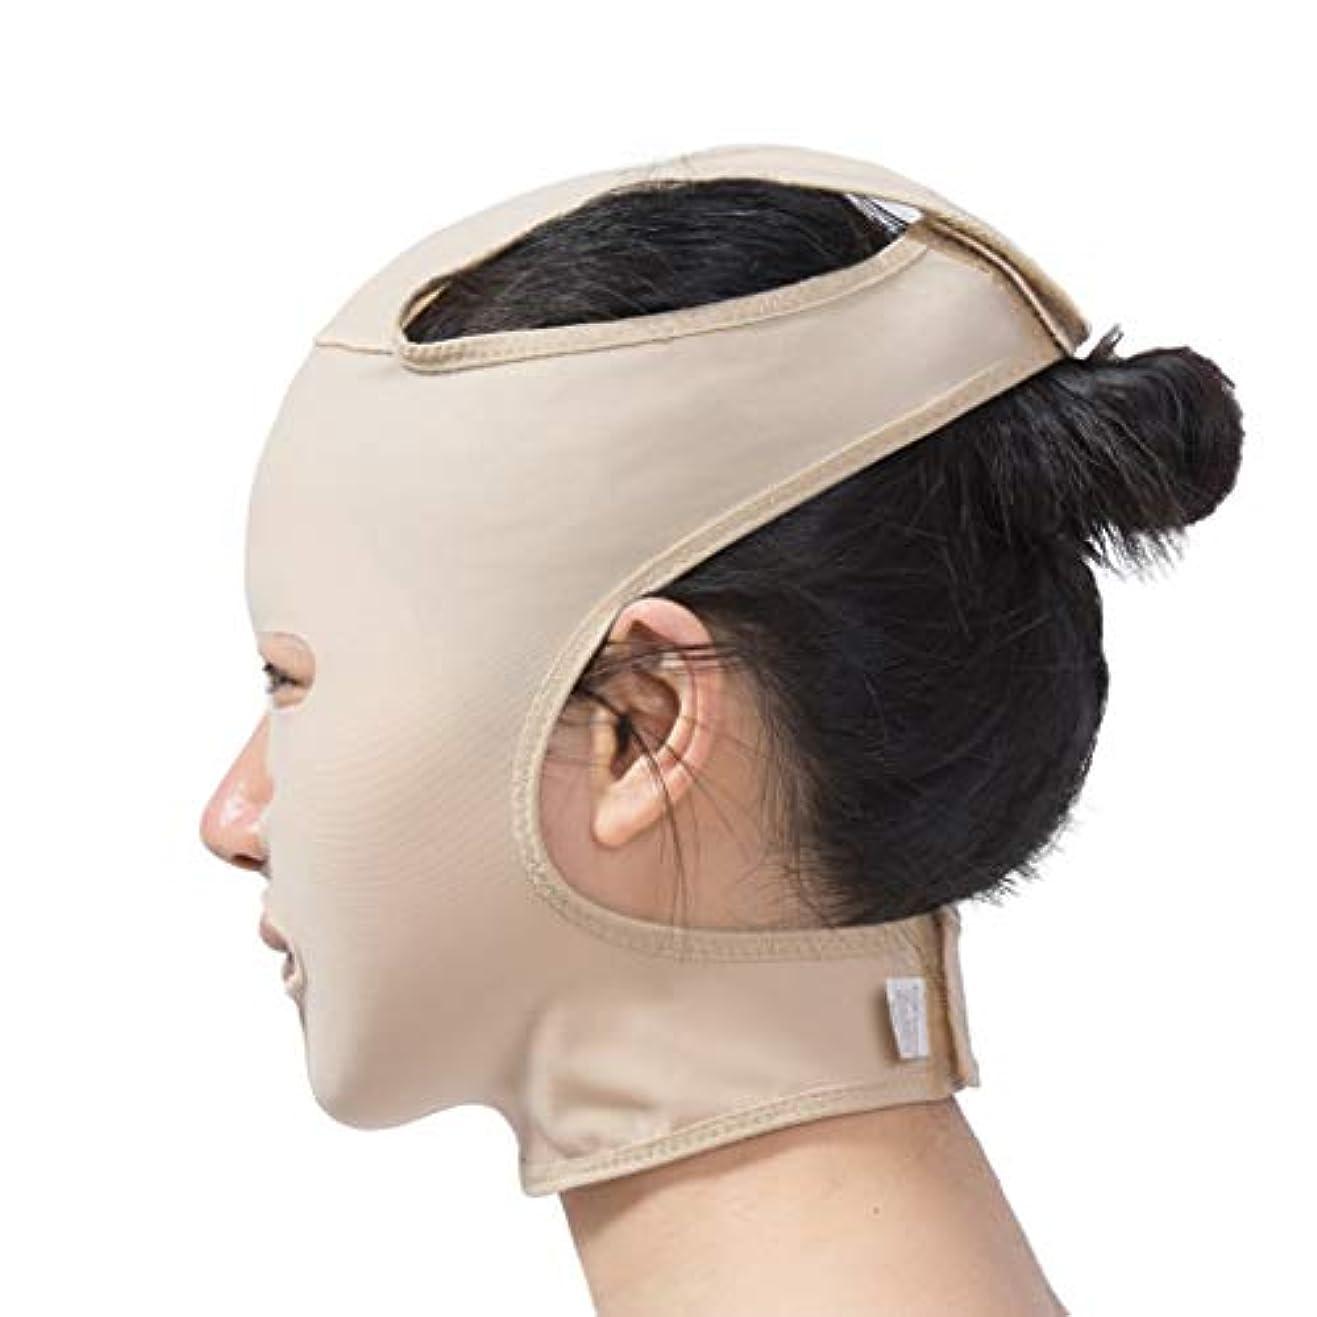 高架大事にする色合いXHLMRMJ フェイスリフトマスク、フルフェイスマスク医療グレード圧力フェイスダブルチンプラスチック脂肪吸引術弾性包帯ヘッドギア後の顔の脂肪吸引術 (Size : XL)